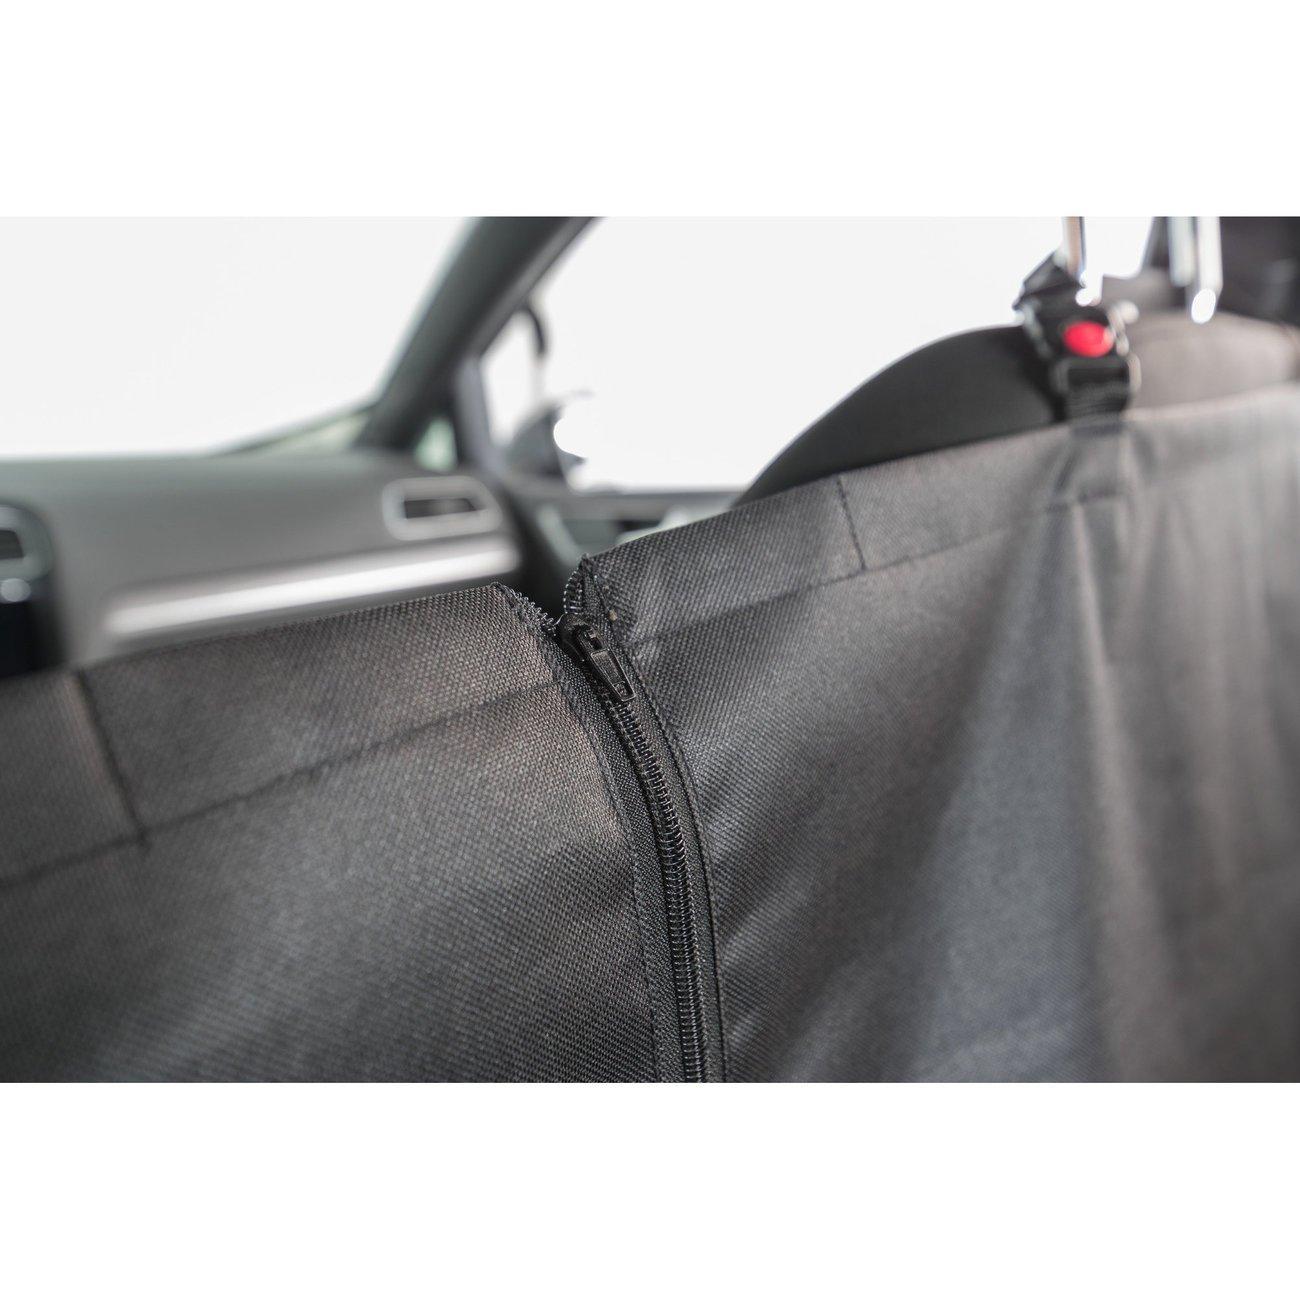 Auto Hundedecke mit Seitenteilen für Rücksitz Bild 7